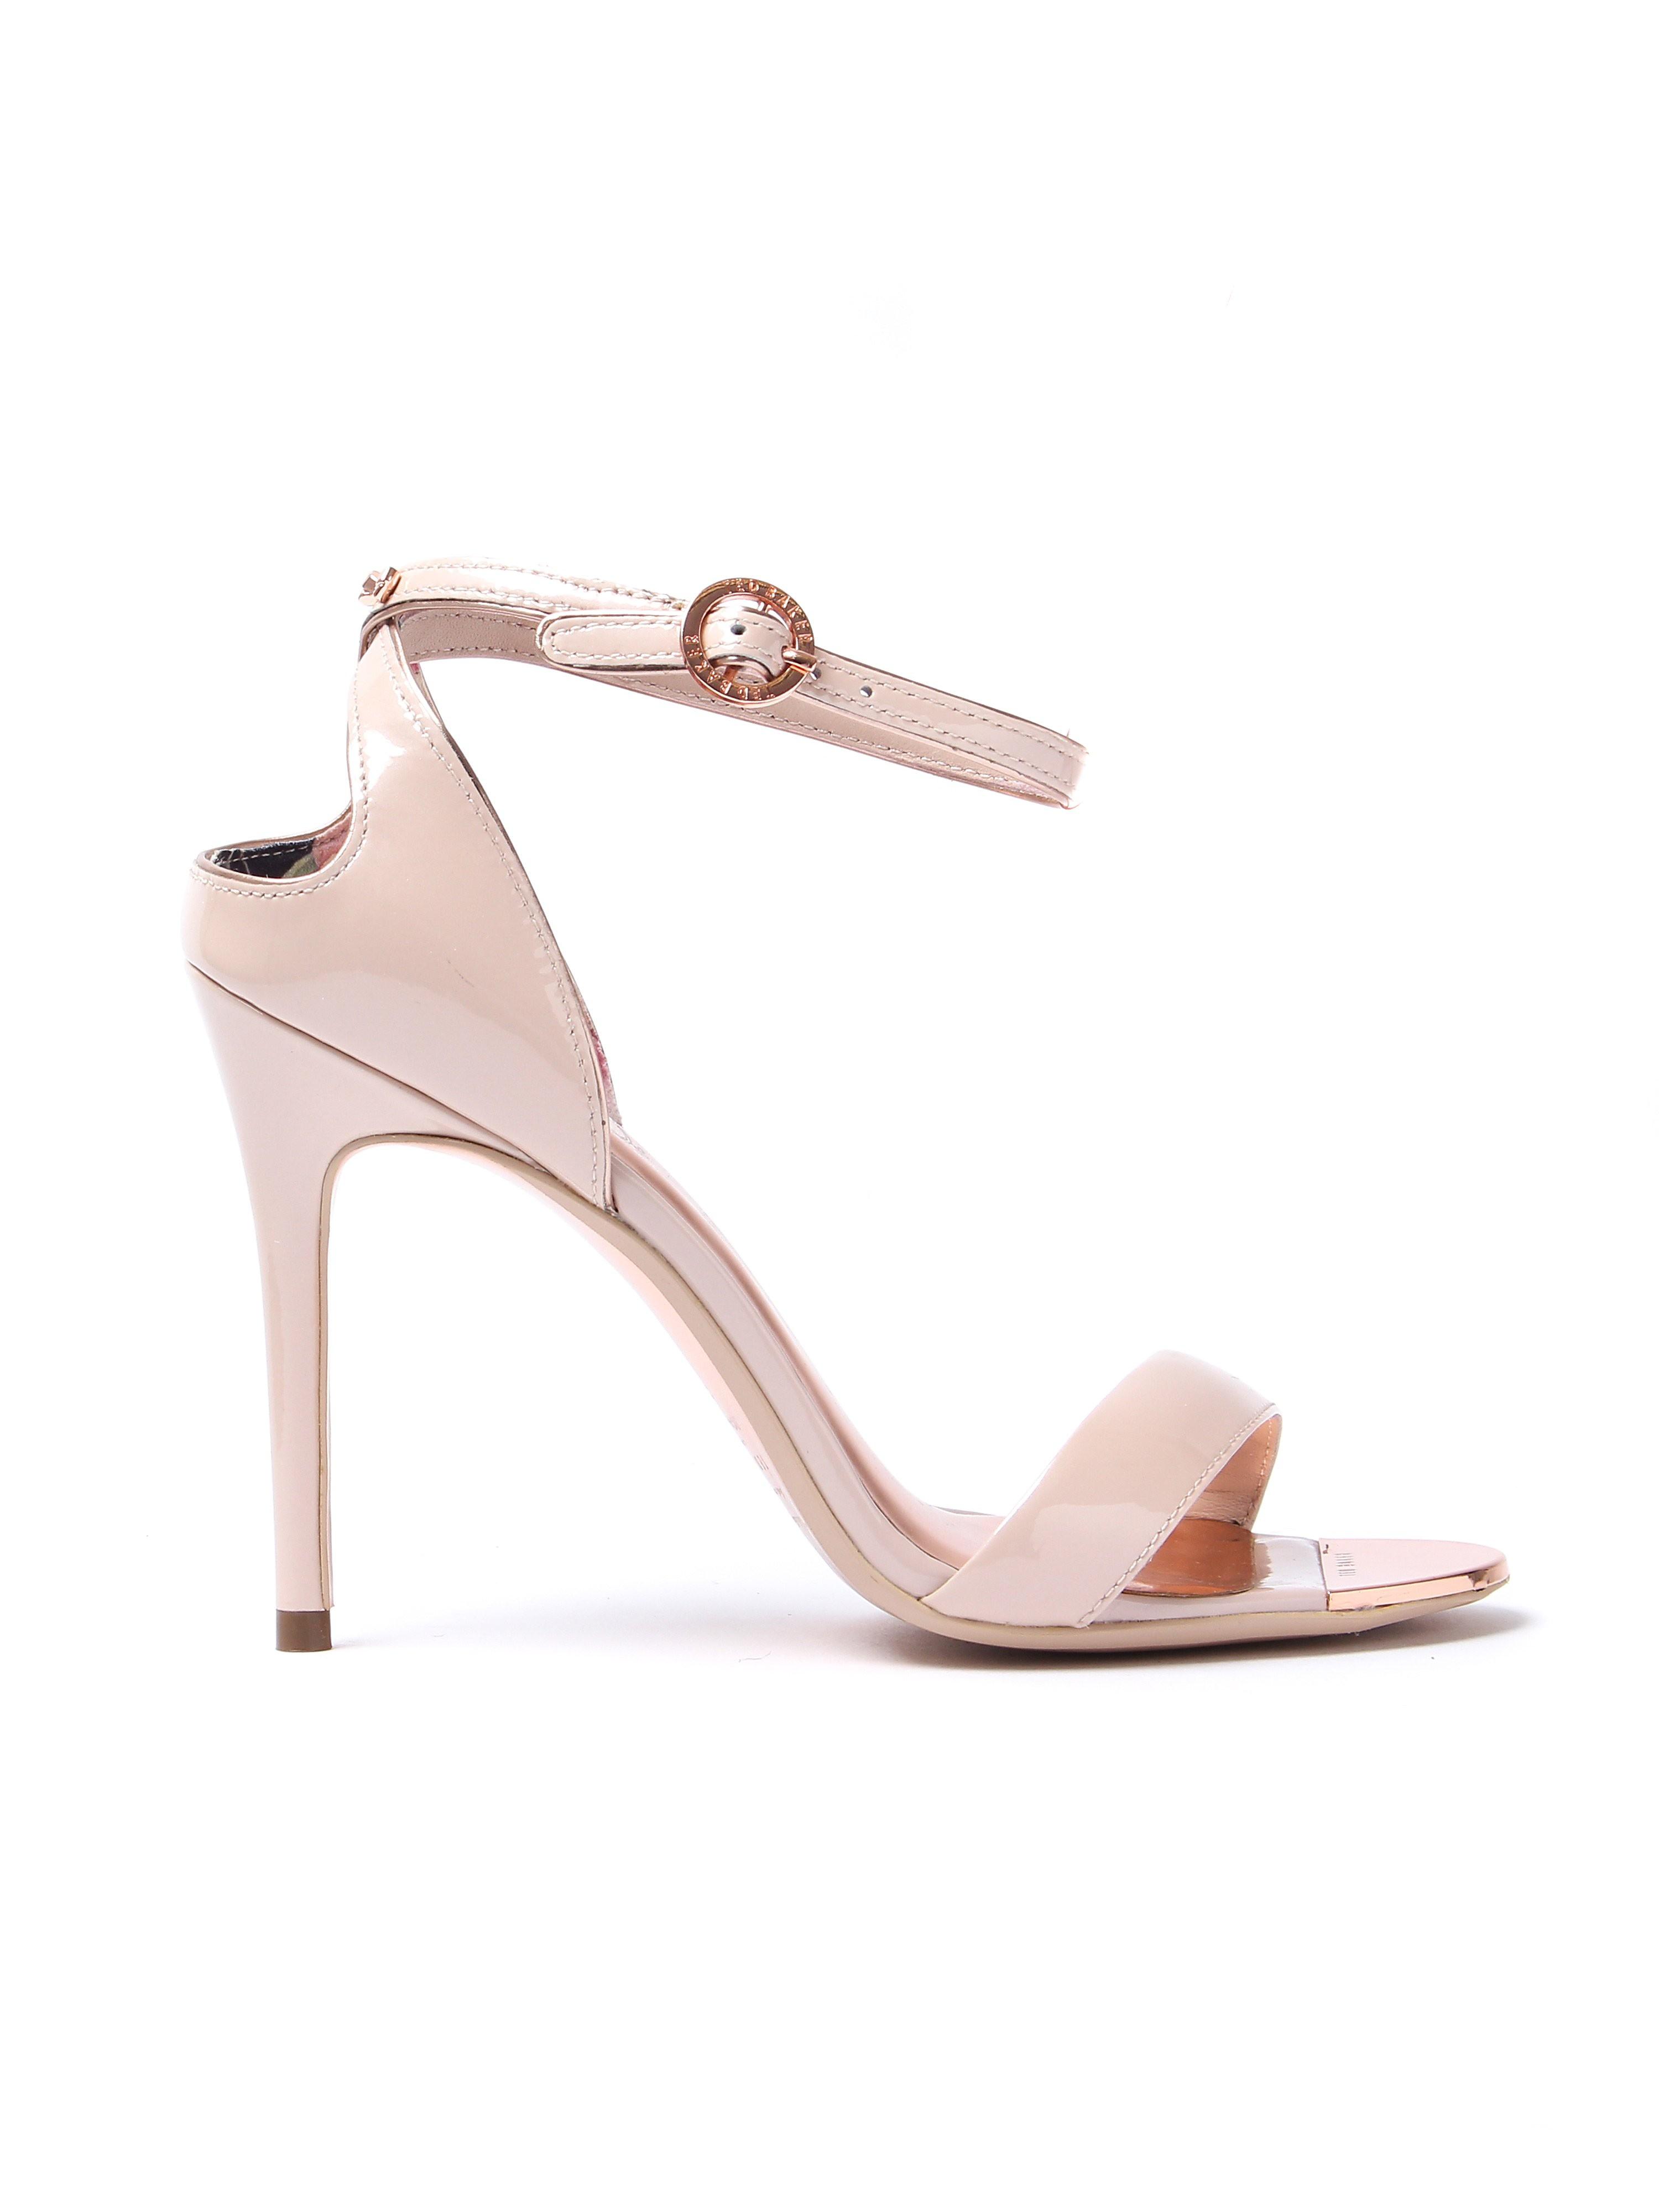 Ted Baker Women's Mirobell Heels - Nude